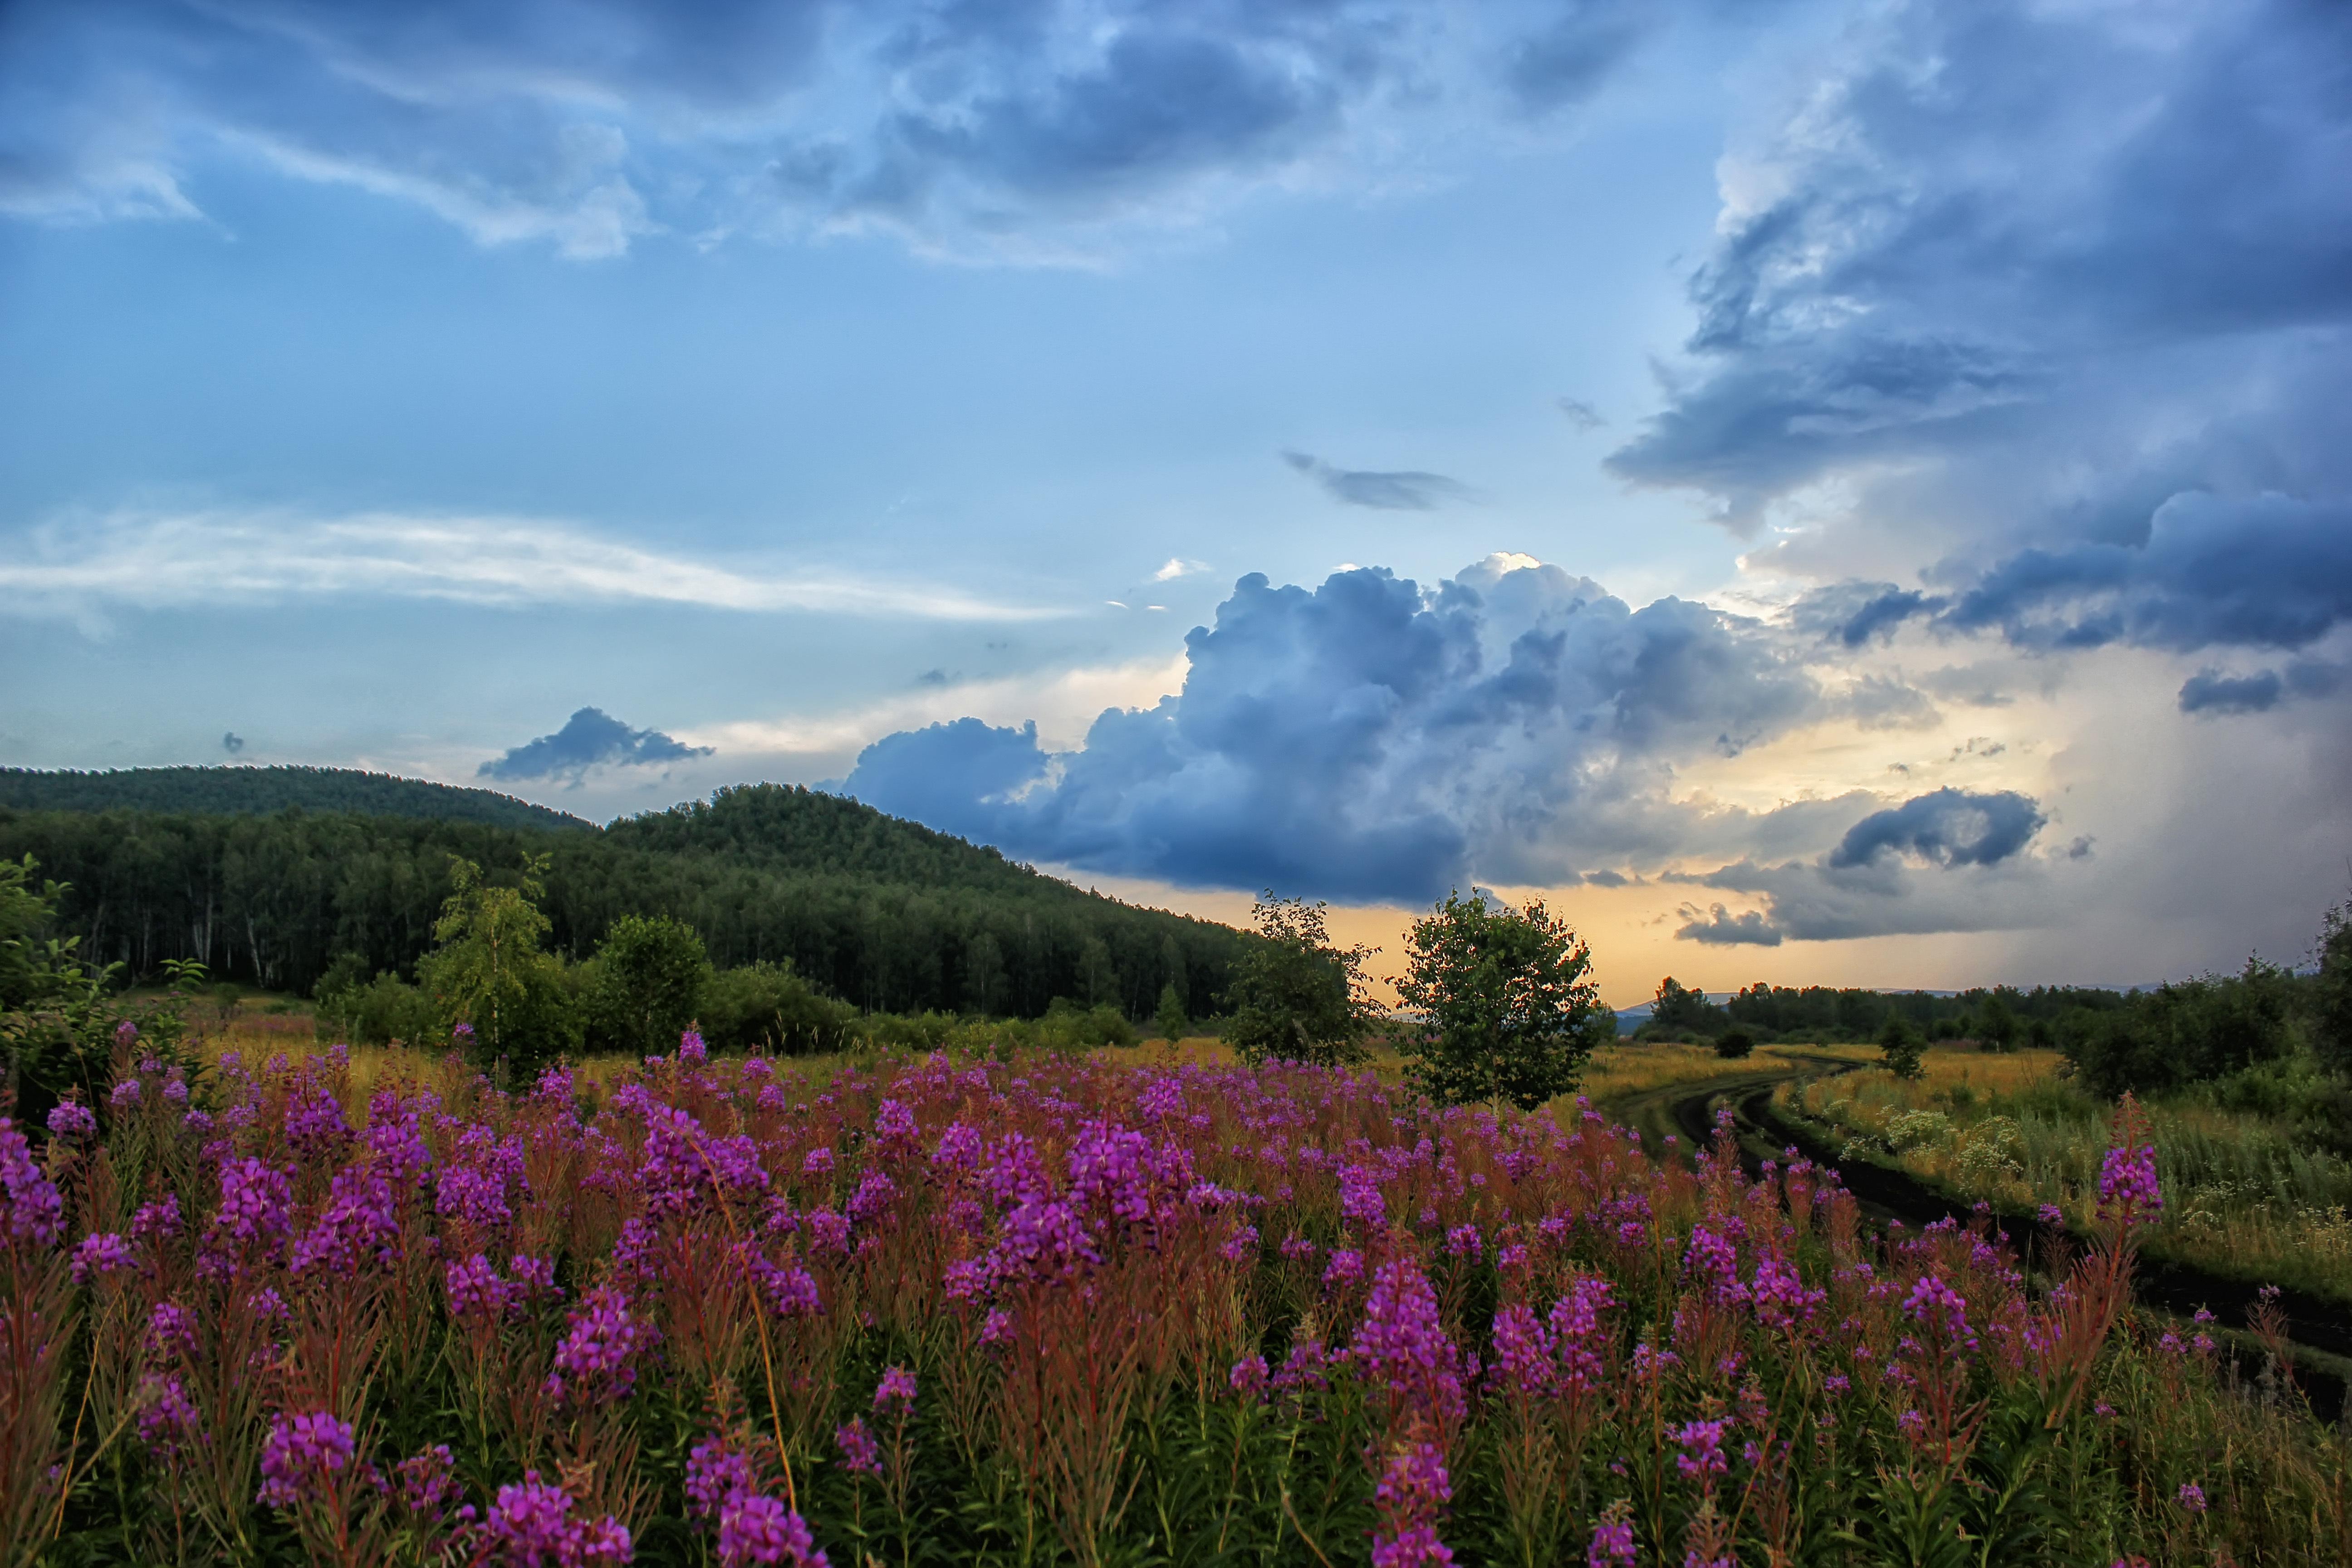 цветы поляна горы холм небо  № 3836142 бесплатно